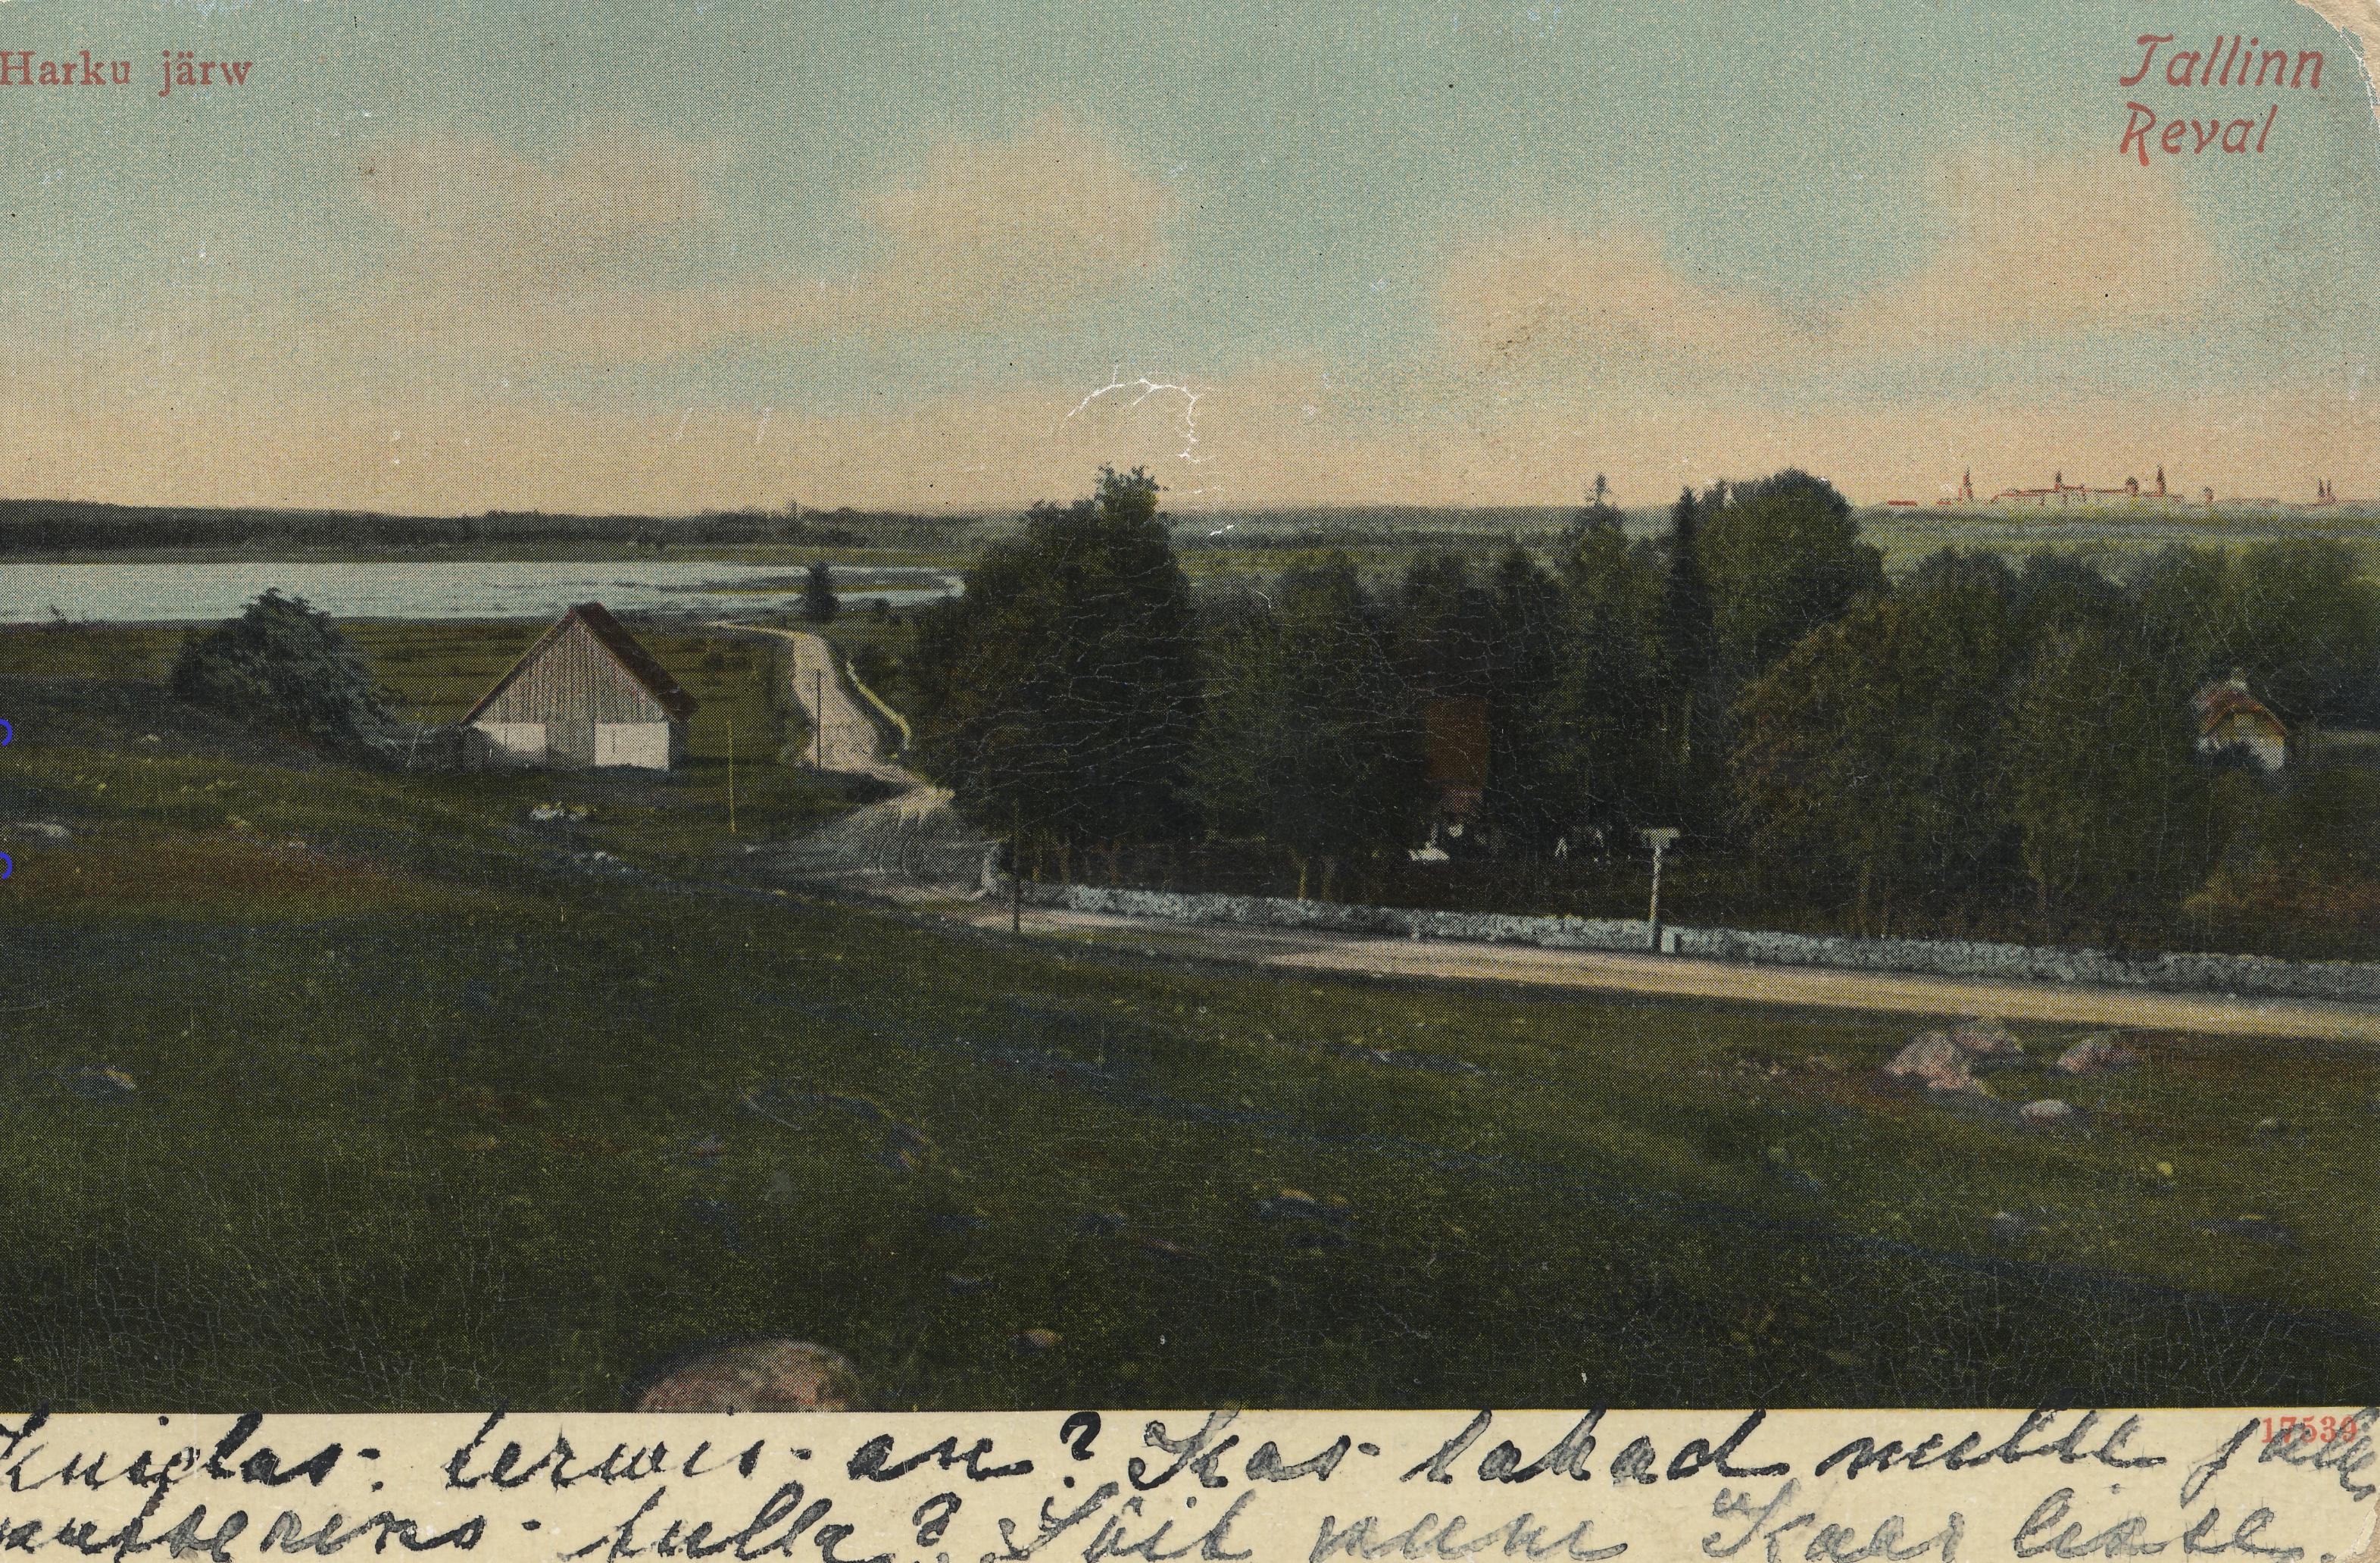 Окрестности Ревеля. Озеро Харку